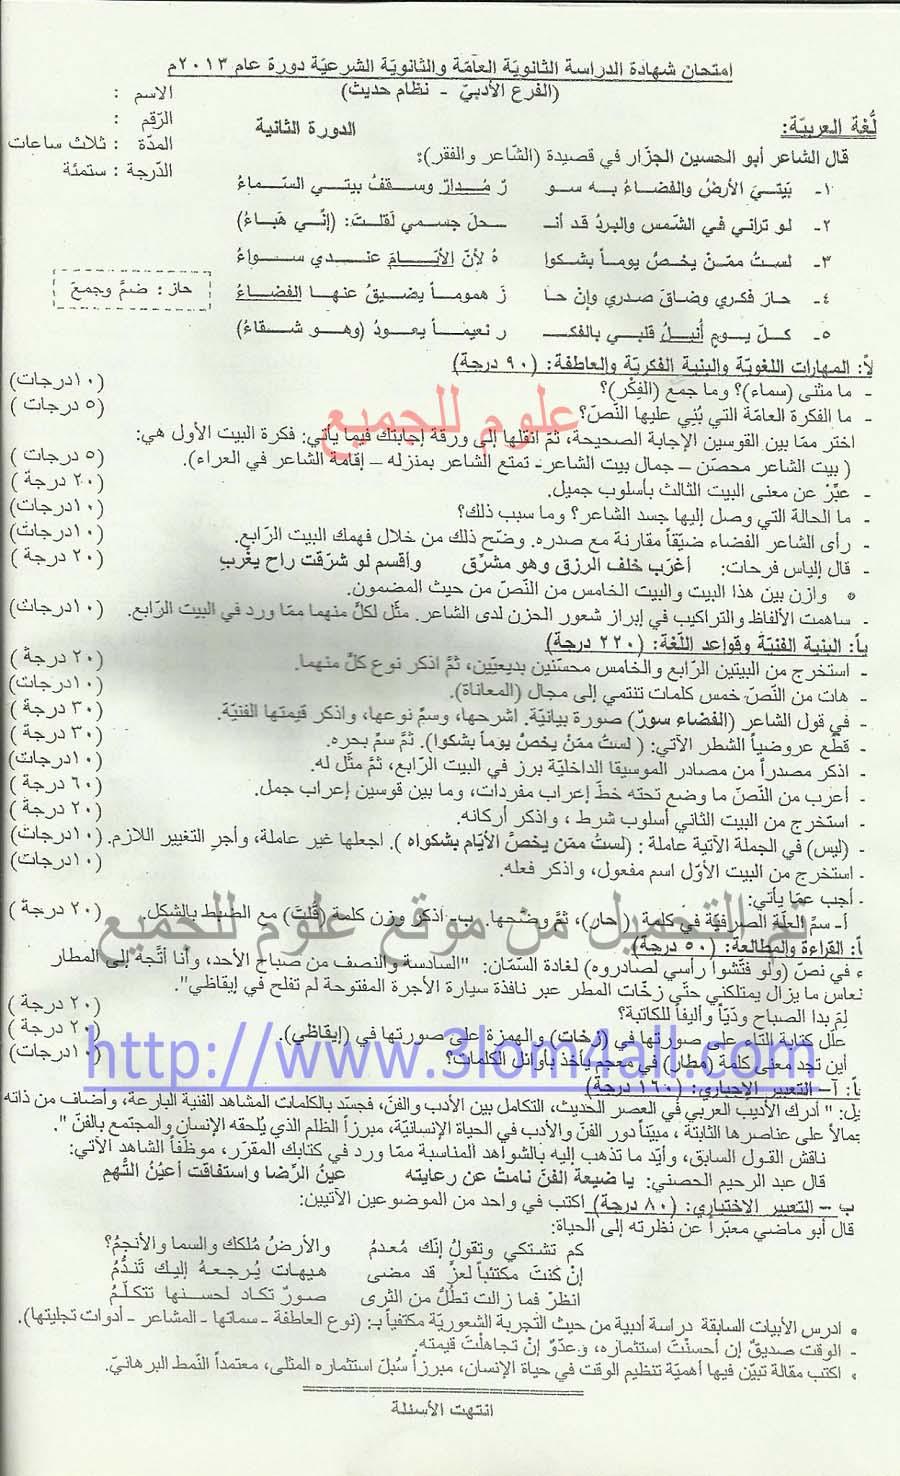 اسئلة اللغة العربية البكالوريا الادبي 2013 سوريا الدورة الثانية التكميلية